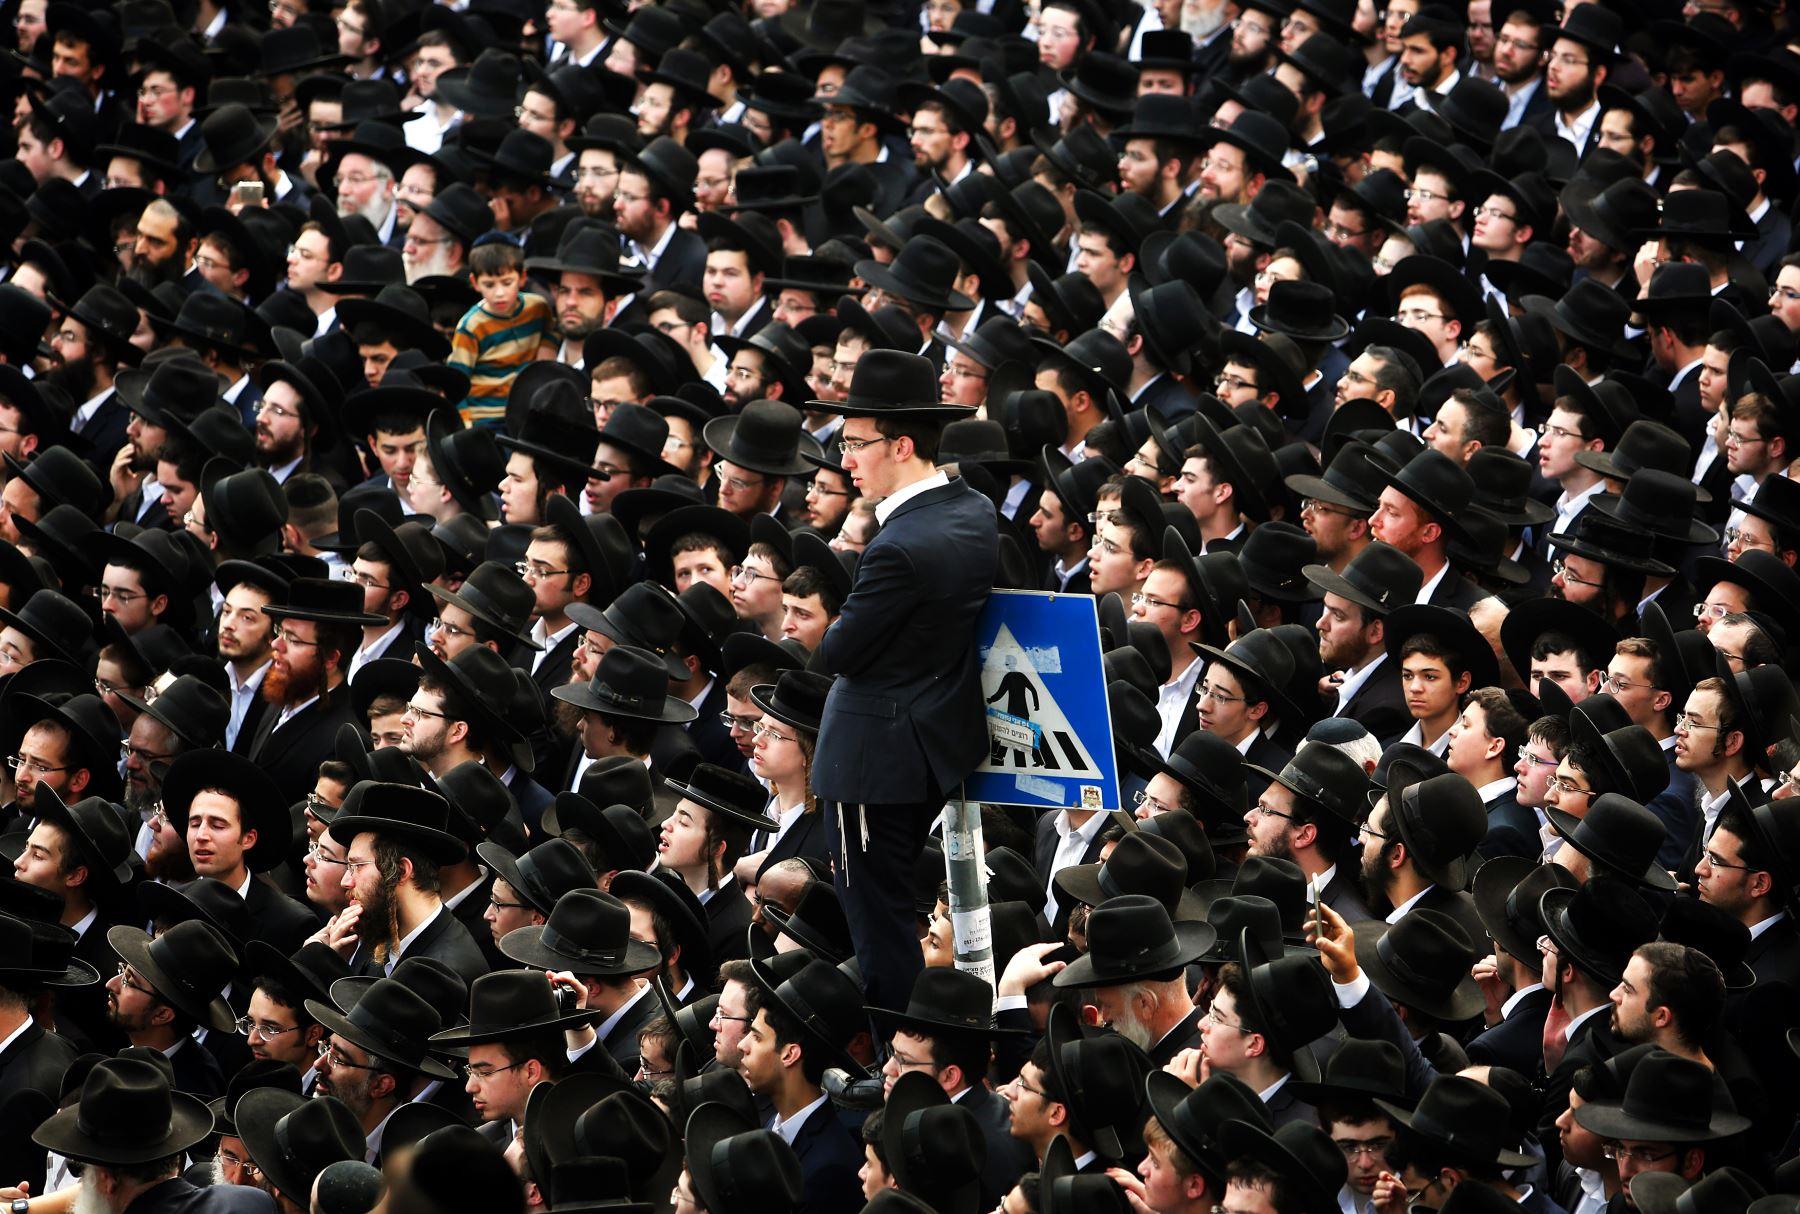 Judíos se reúnen para presenciar el funeral del rabino Aaron Yehuda Leib Shteinman. Foto: AFP